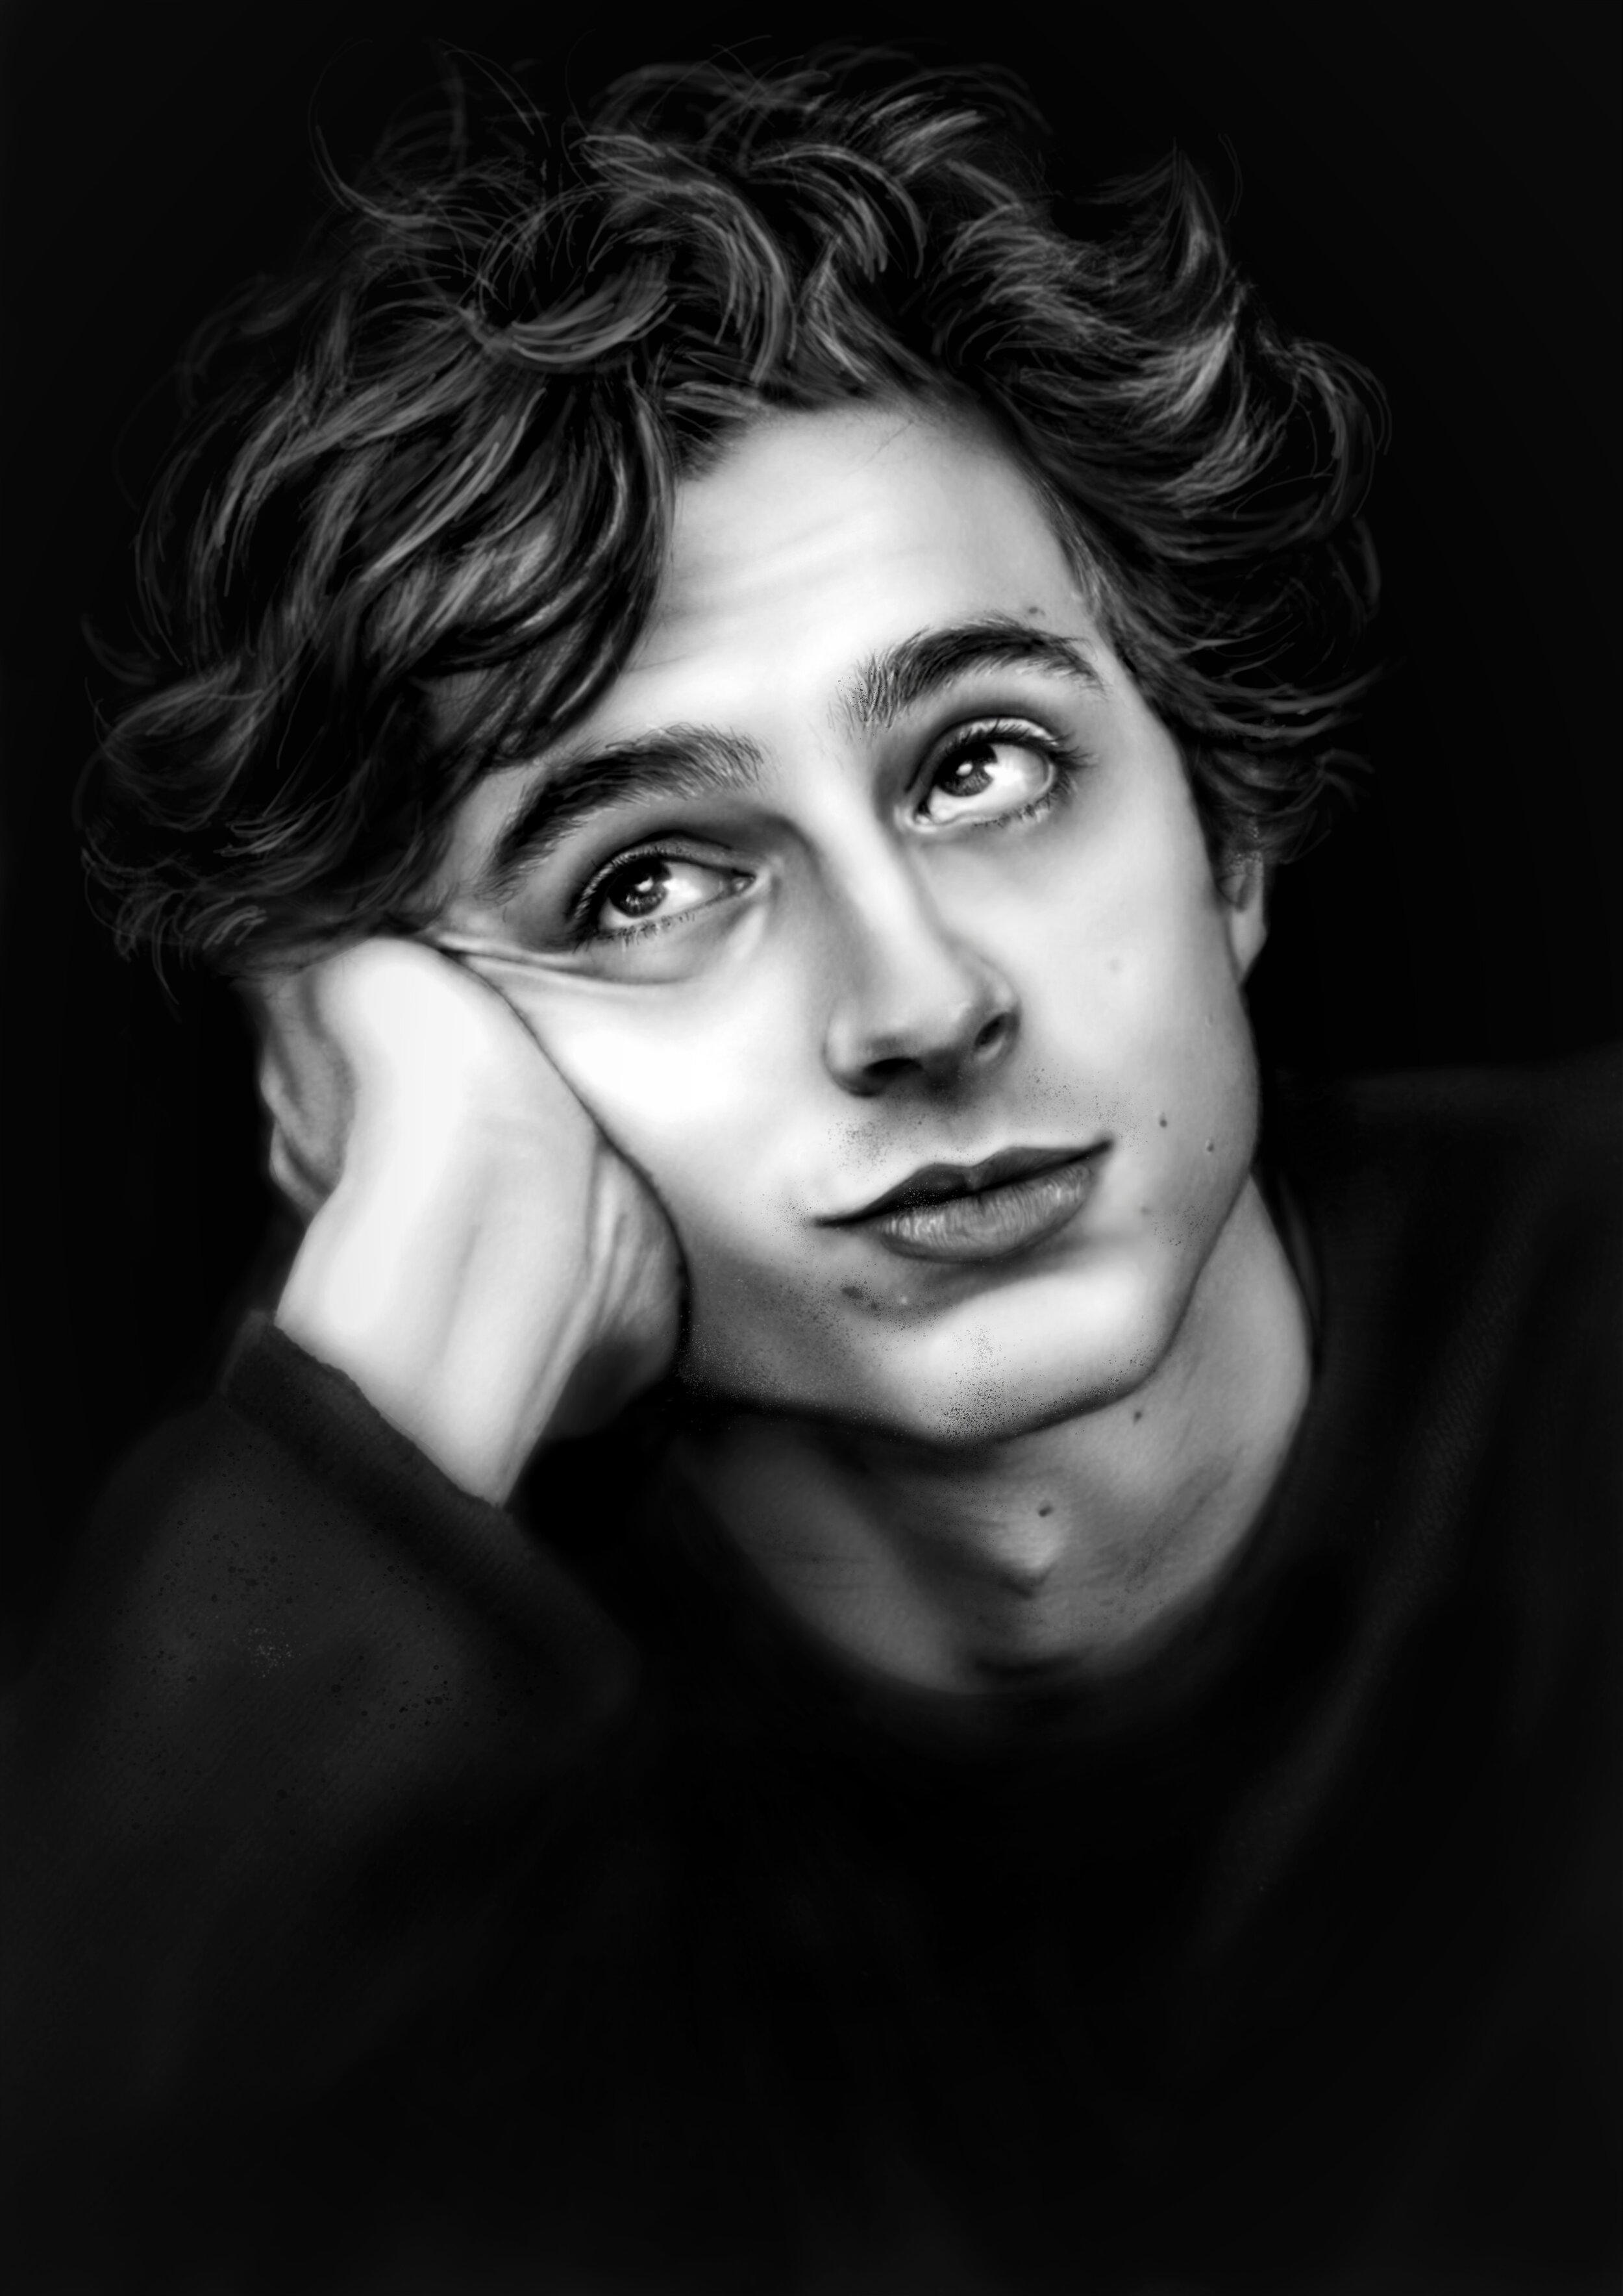 Timothee Chalamet Portrait